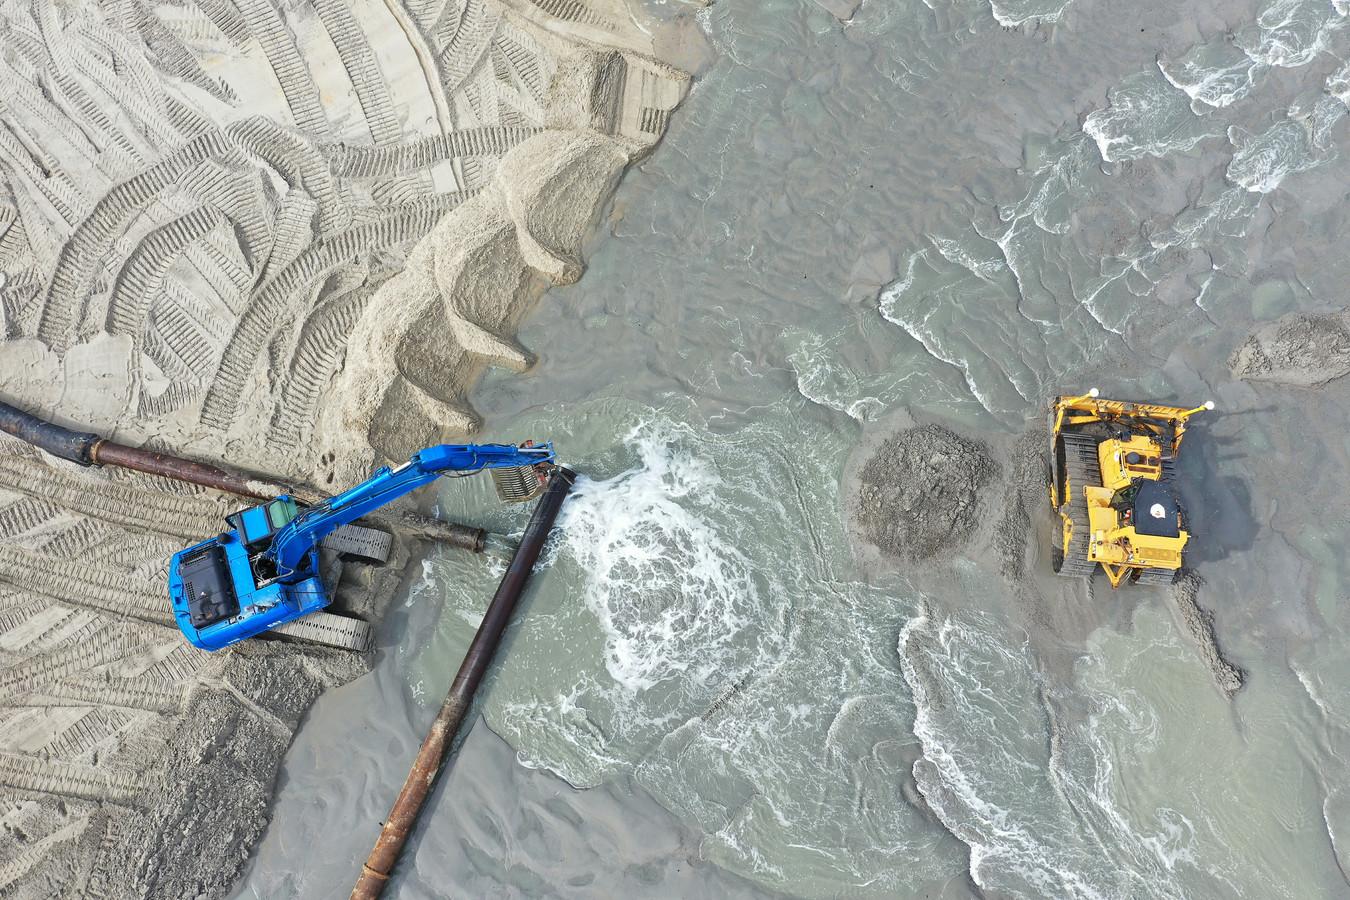 Door de zeespiegelstijging zullen steeds vaker zandsuppleties nodig zijn, zoals hier voor de kust van Domburg.